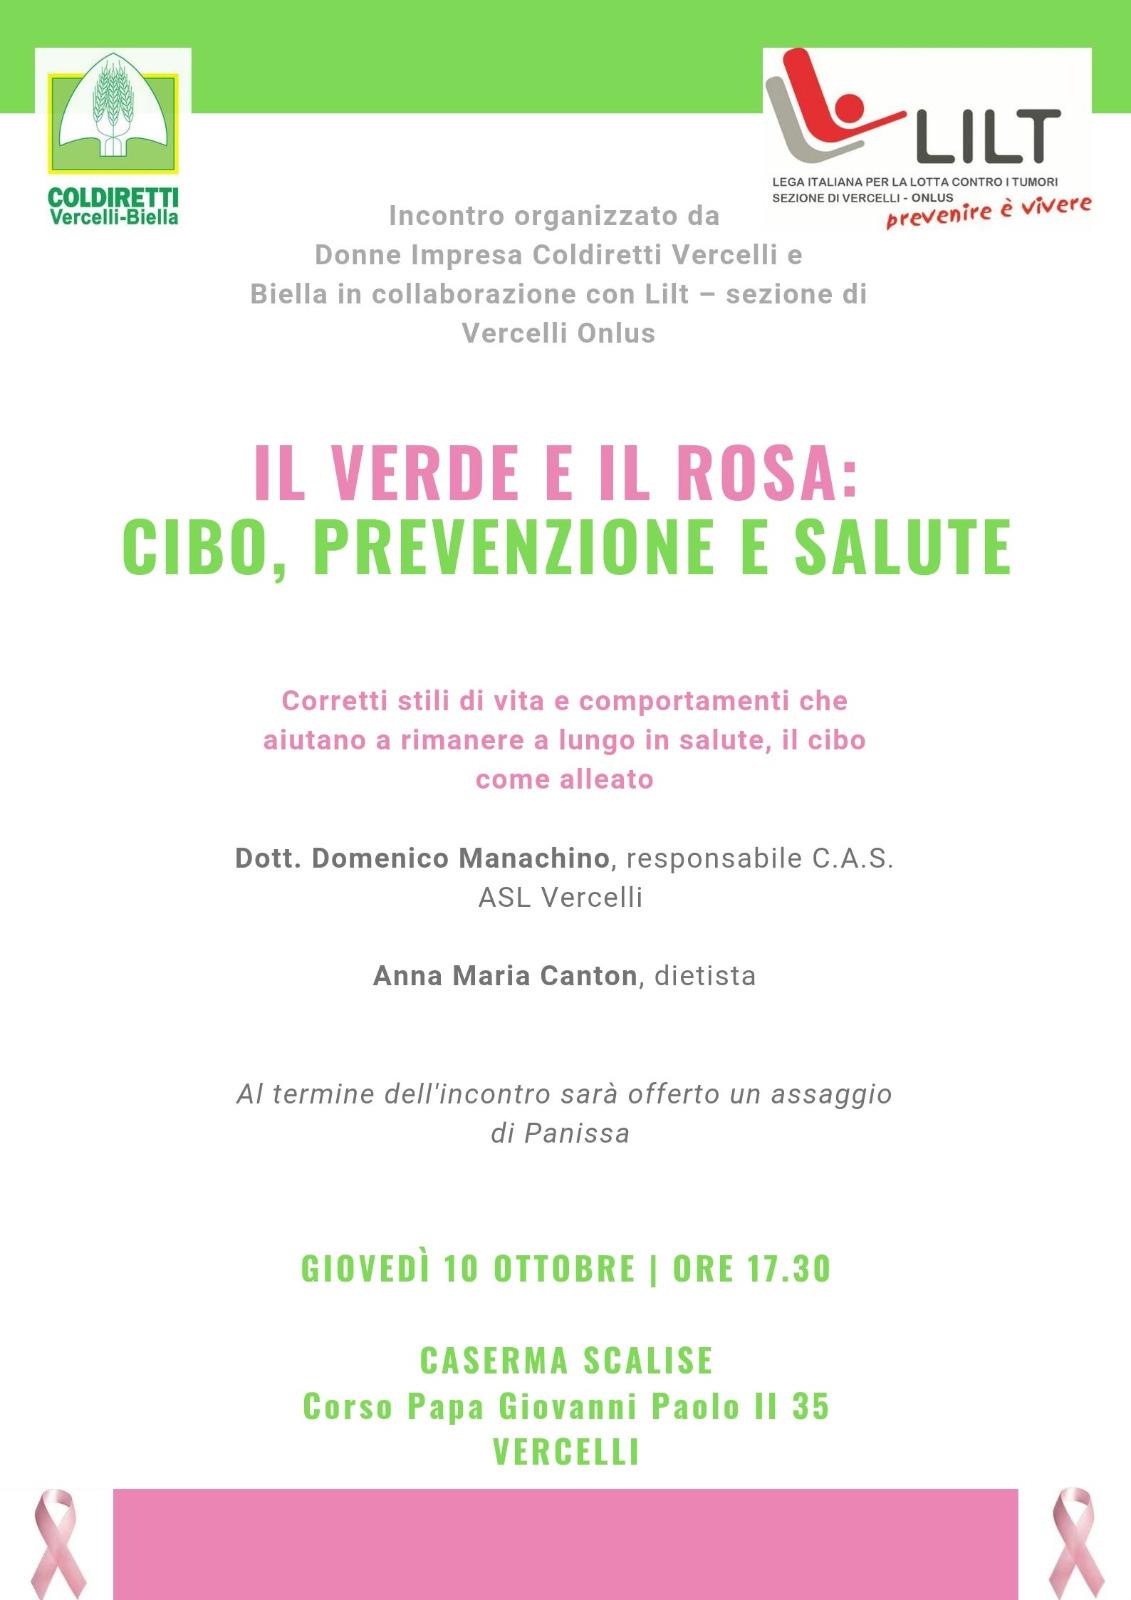 Il verde e il rosa: cibo prevenzione e salute